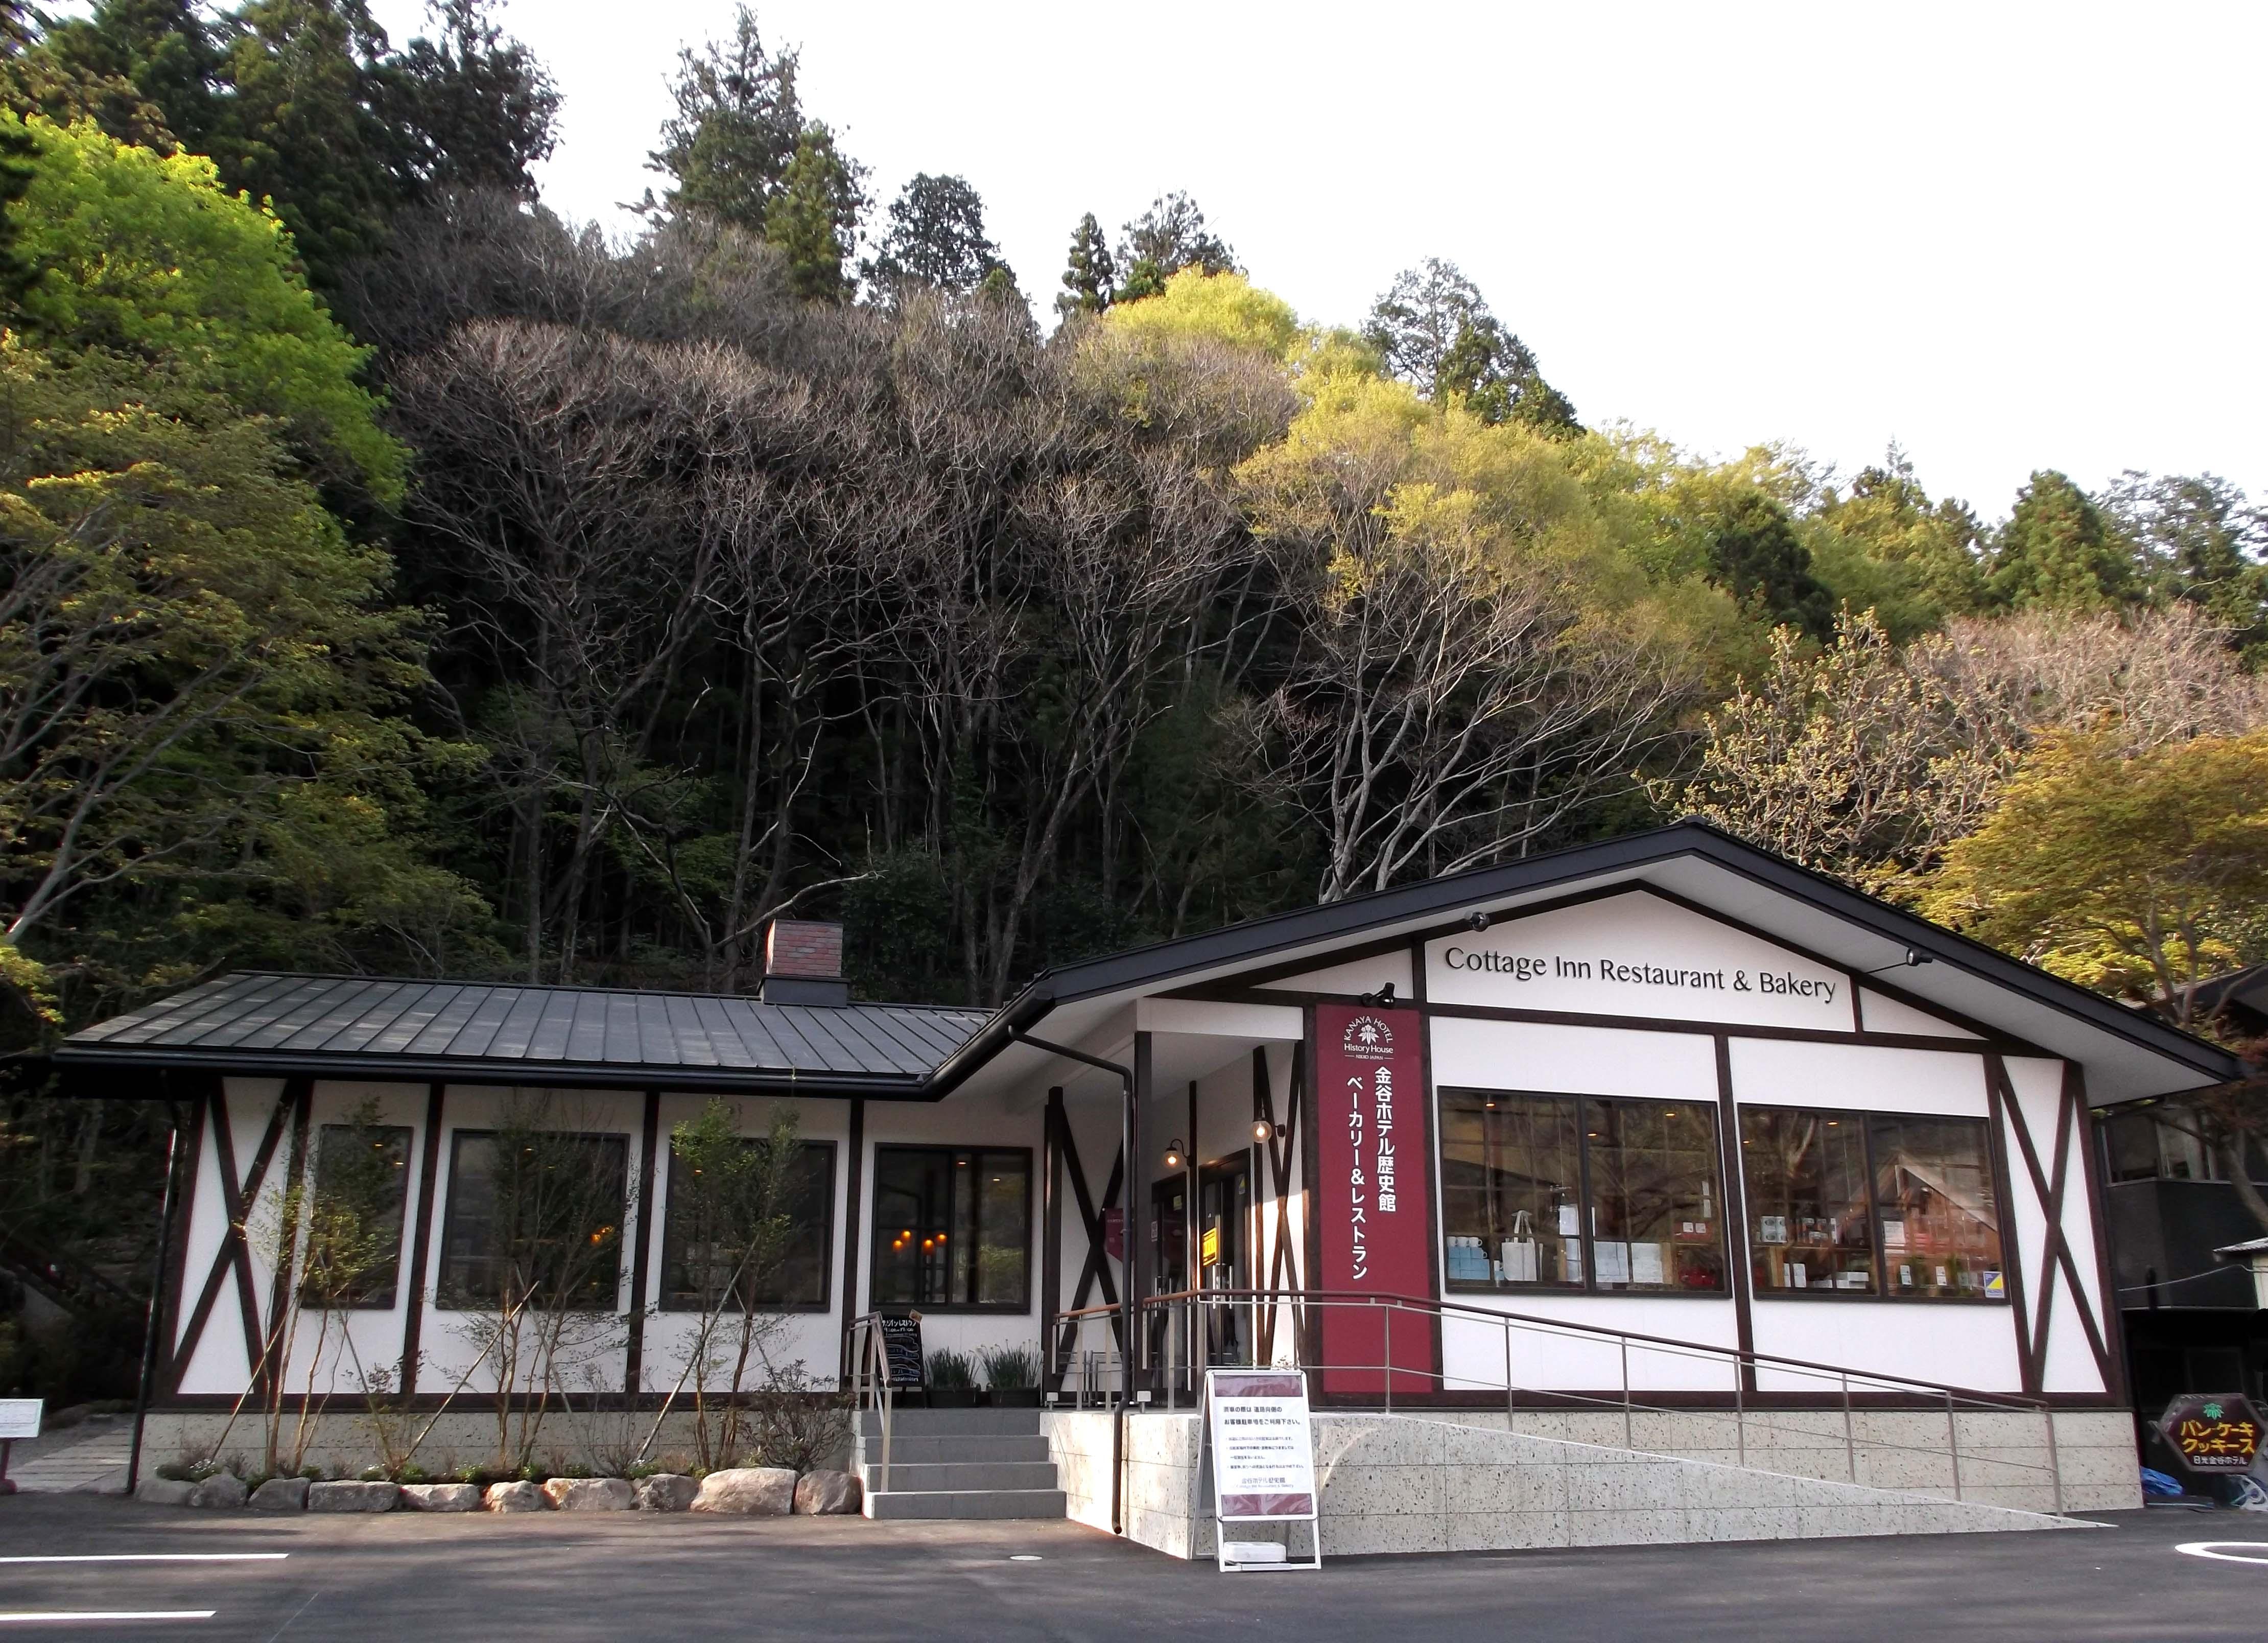 金谷ホテル歴史館 カテッジイン・レストラン&ベーカリー